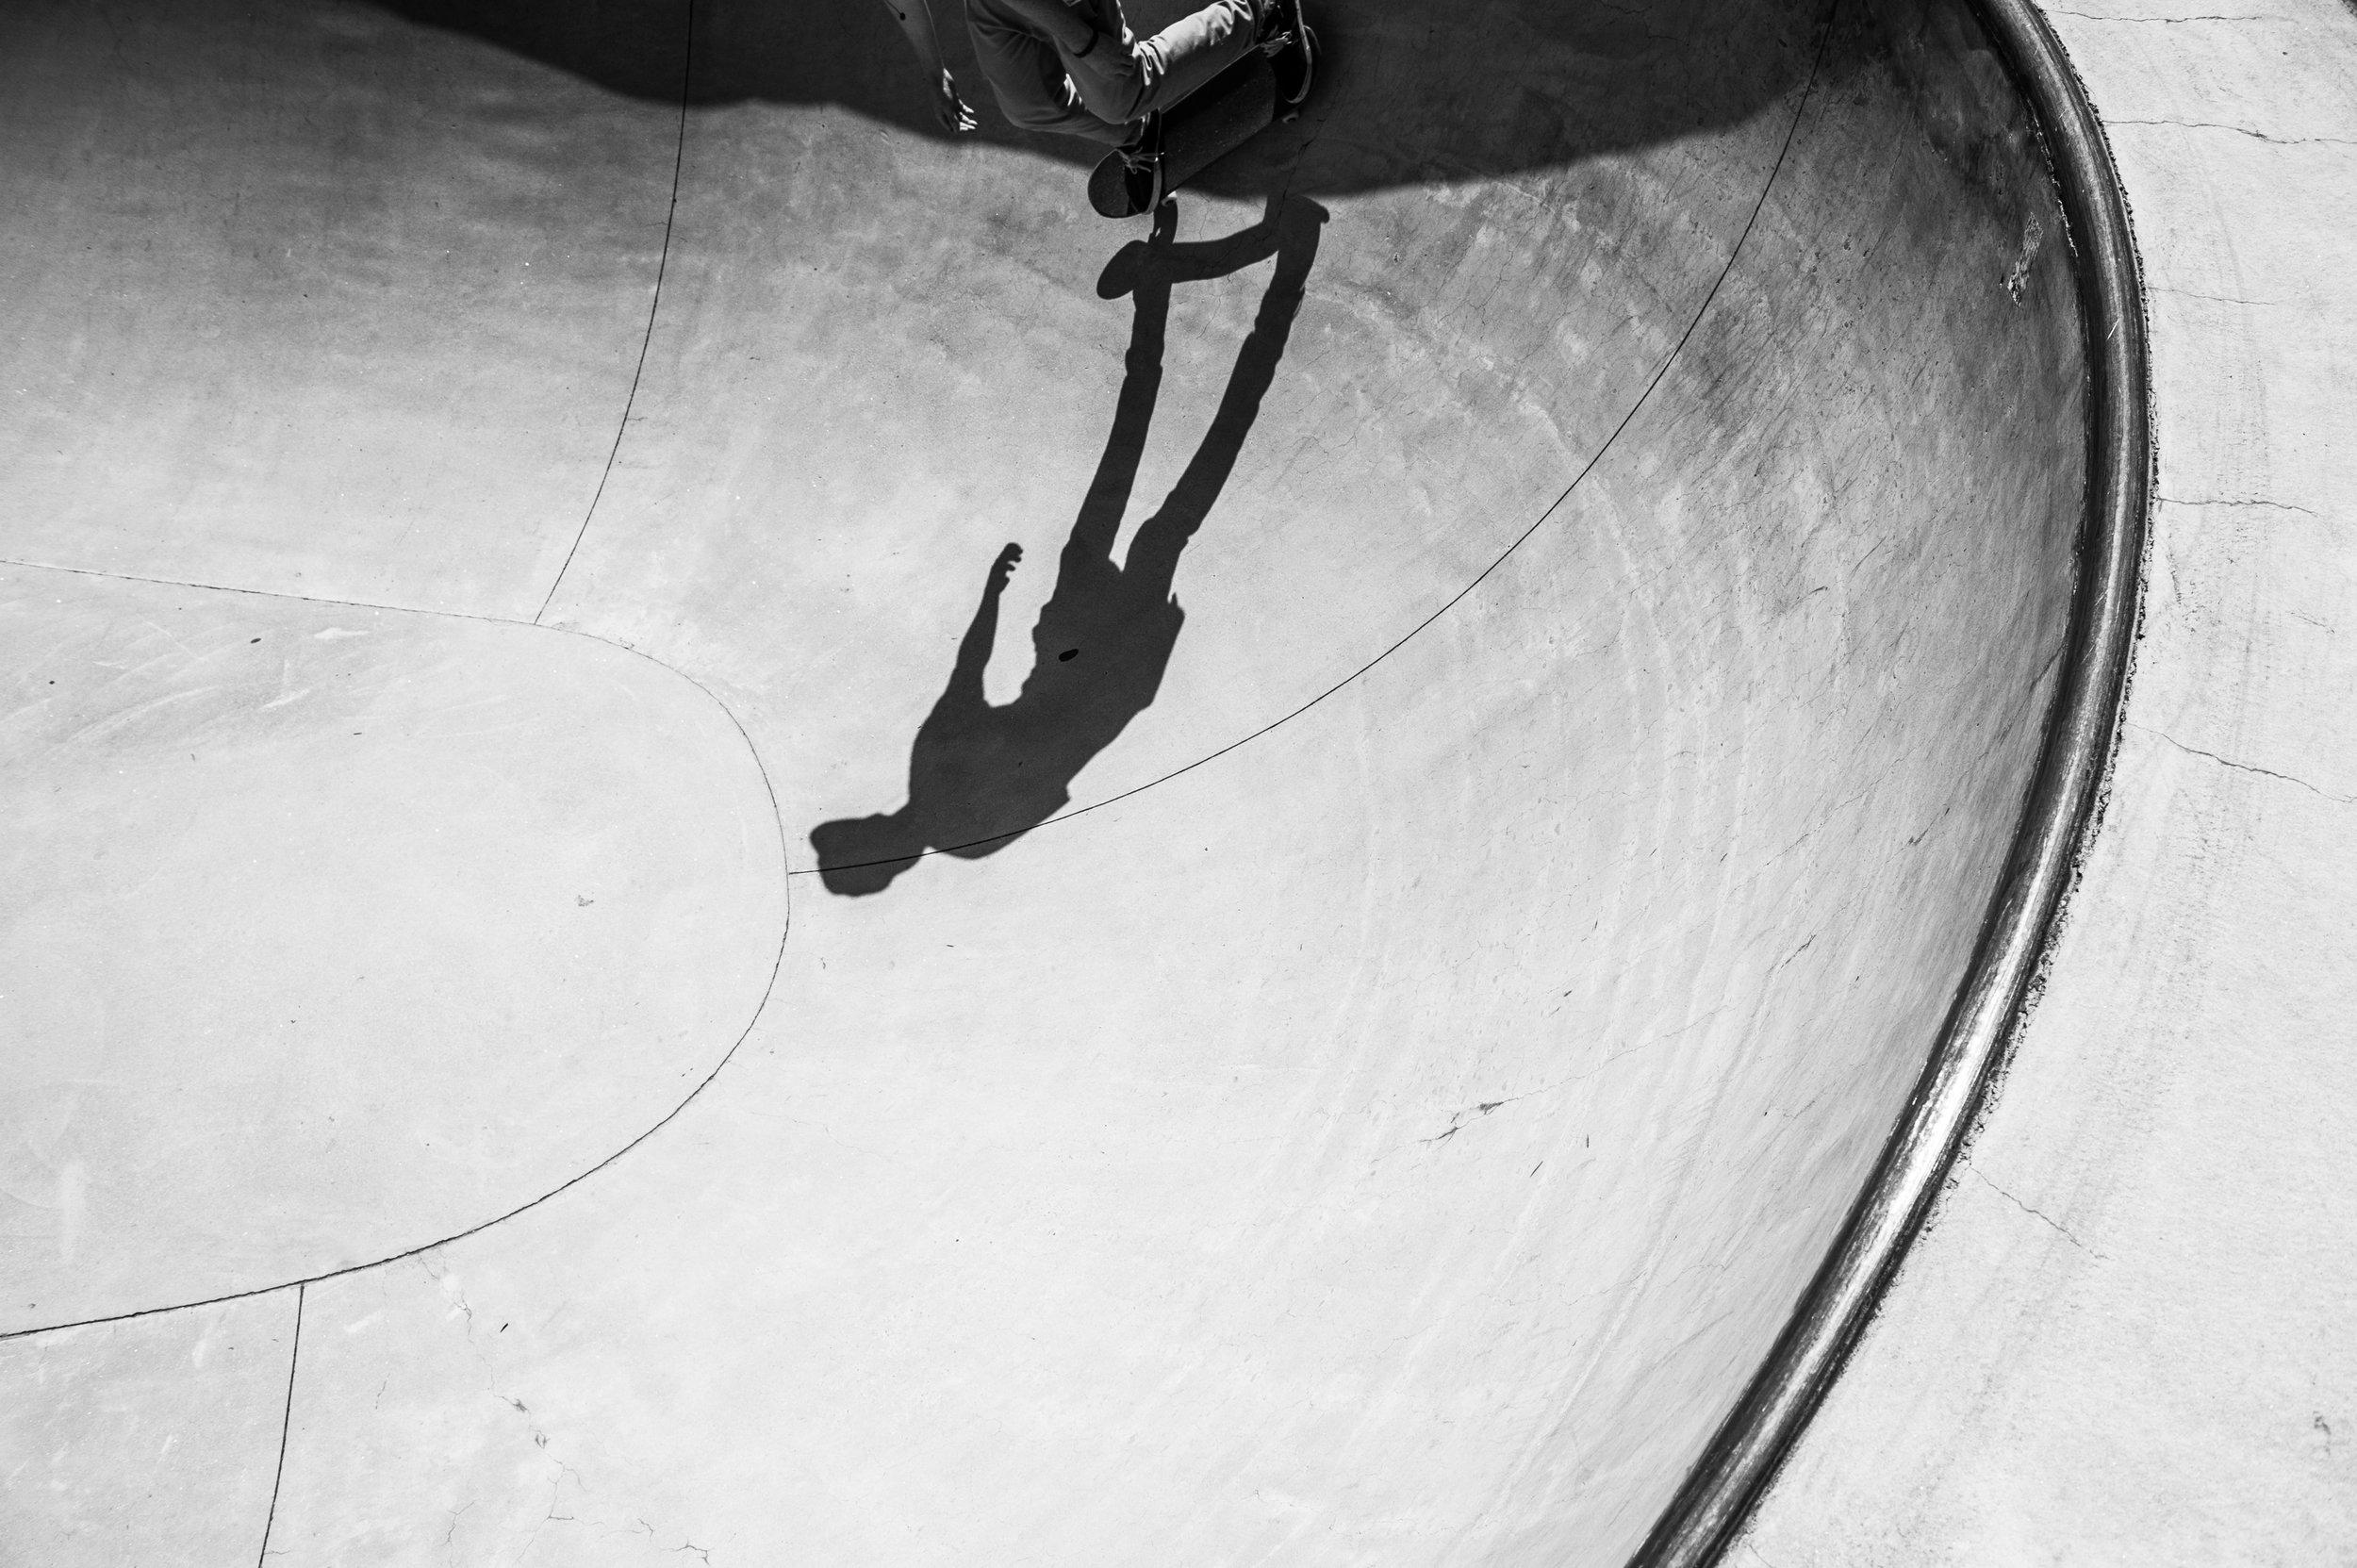 Skate park2©AG.jpg